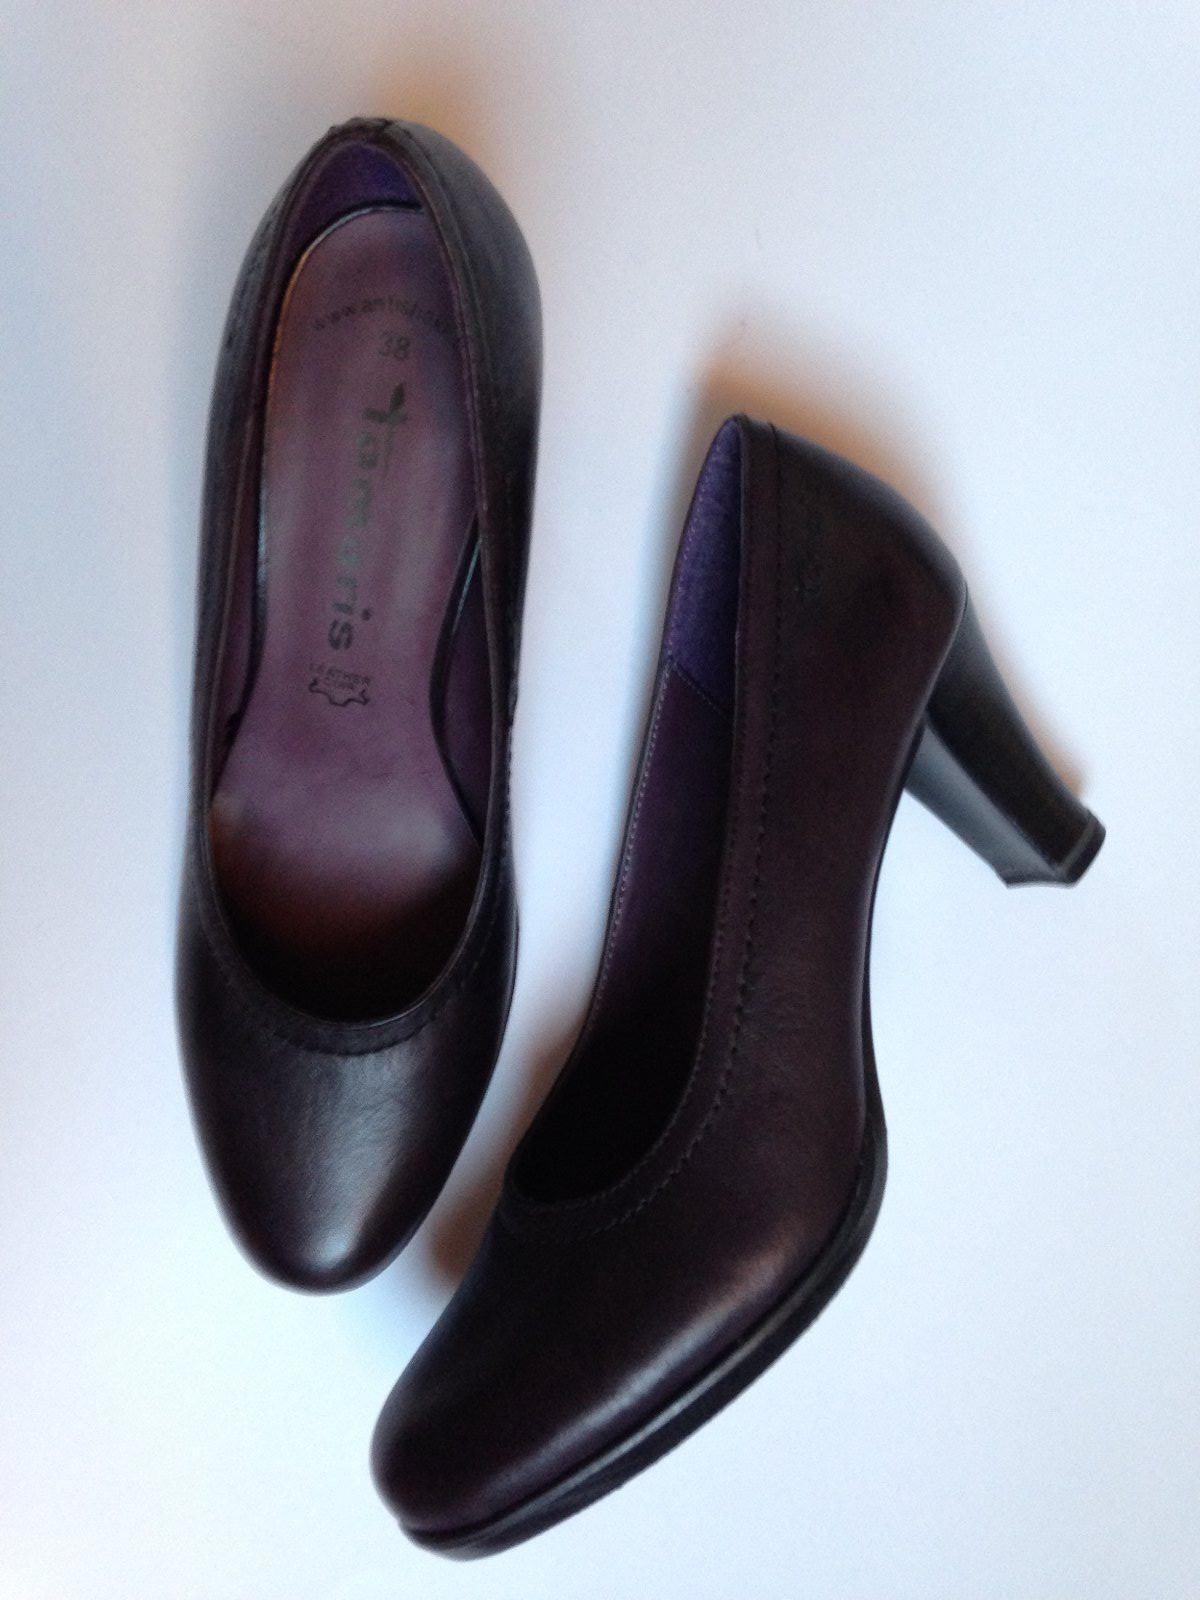 TAMARIS Damenschuhe Pumps Bordeaux Echtleder Bordeaux Pumps Violett 38 AntiShok Absatz 8 cm b57ef0